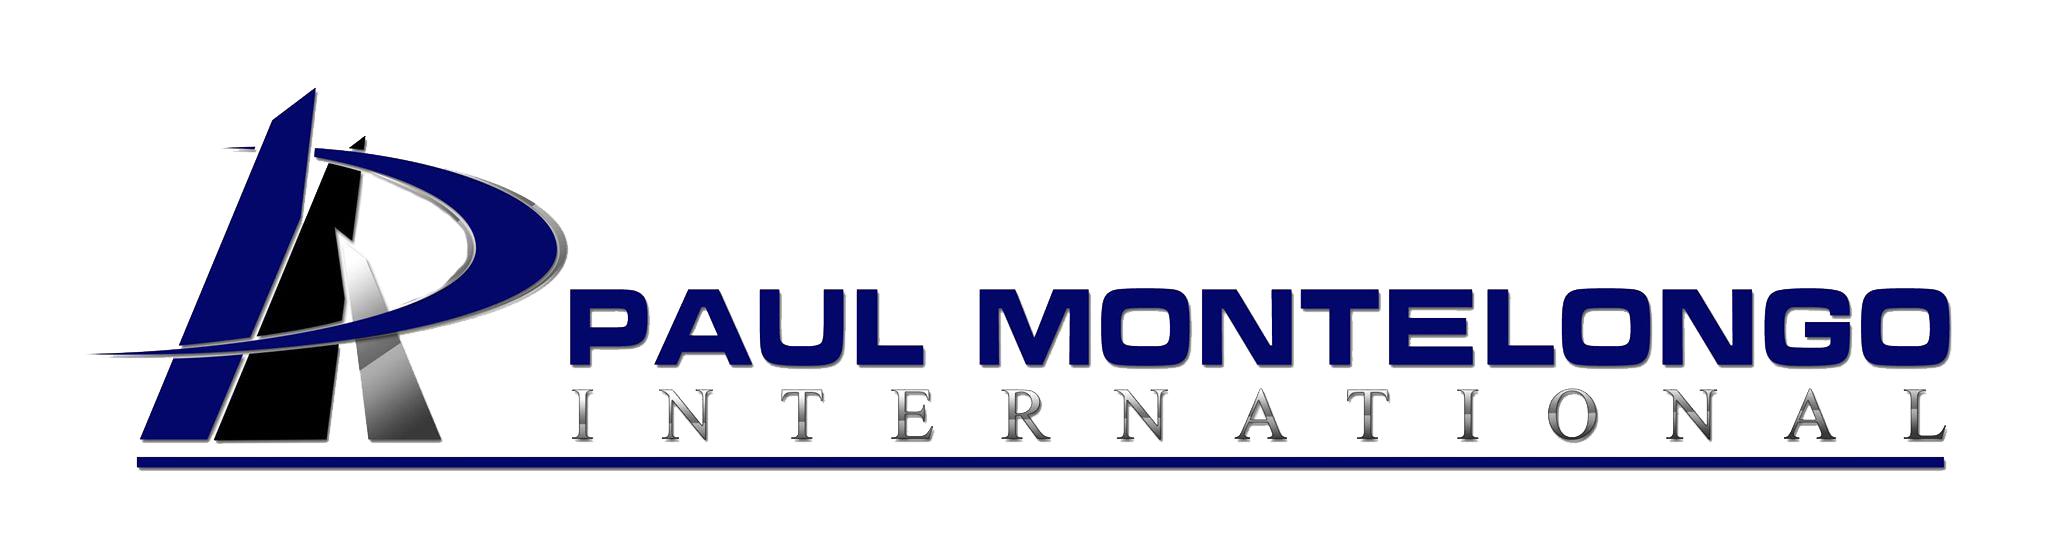 Paul Montelongo